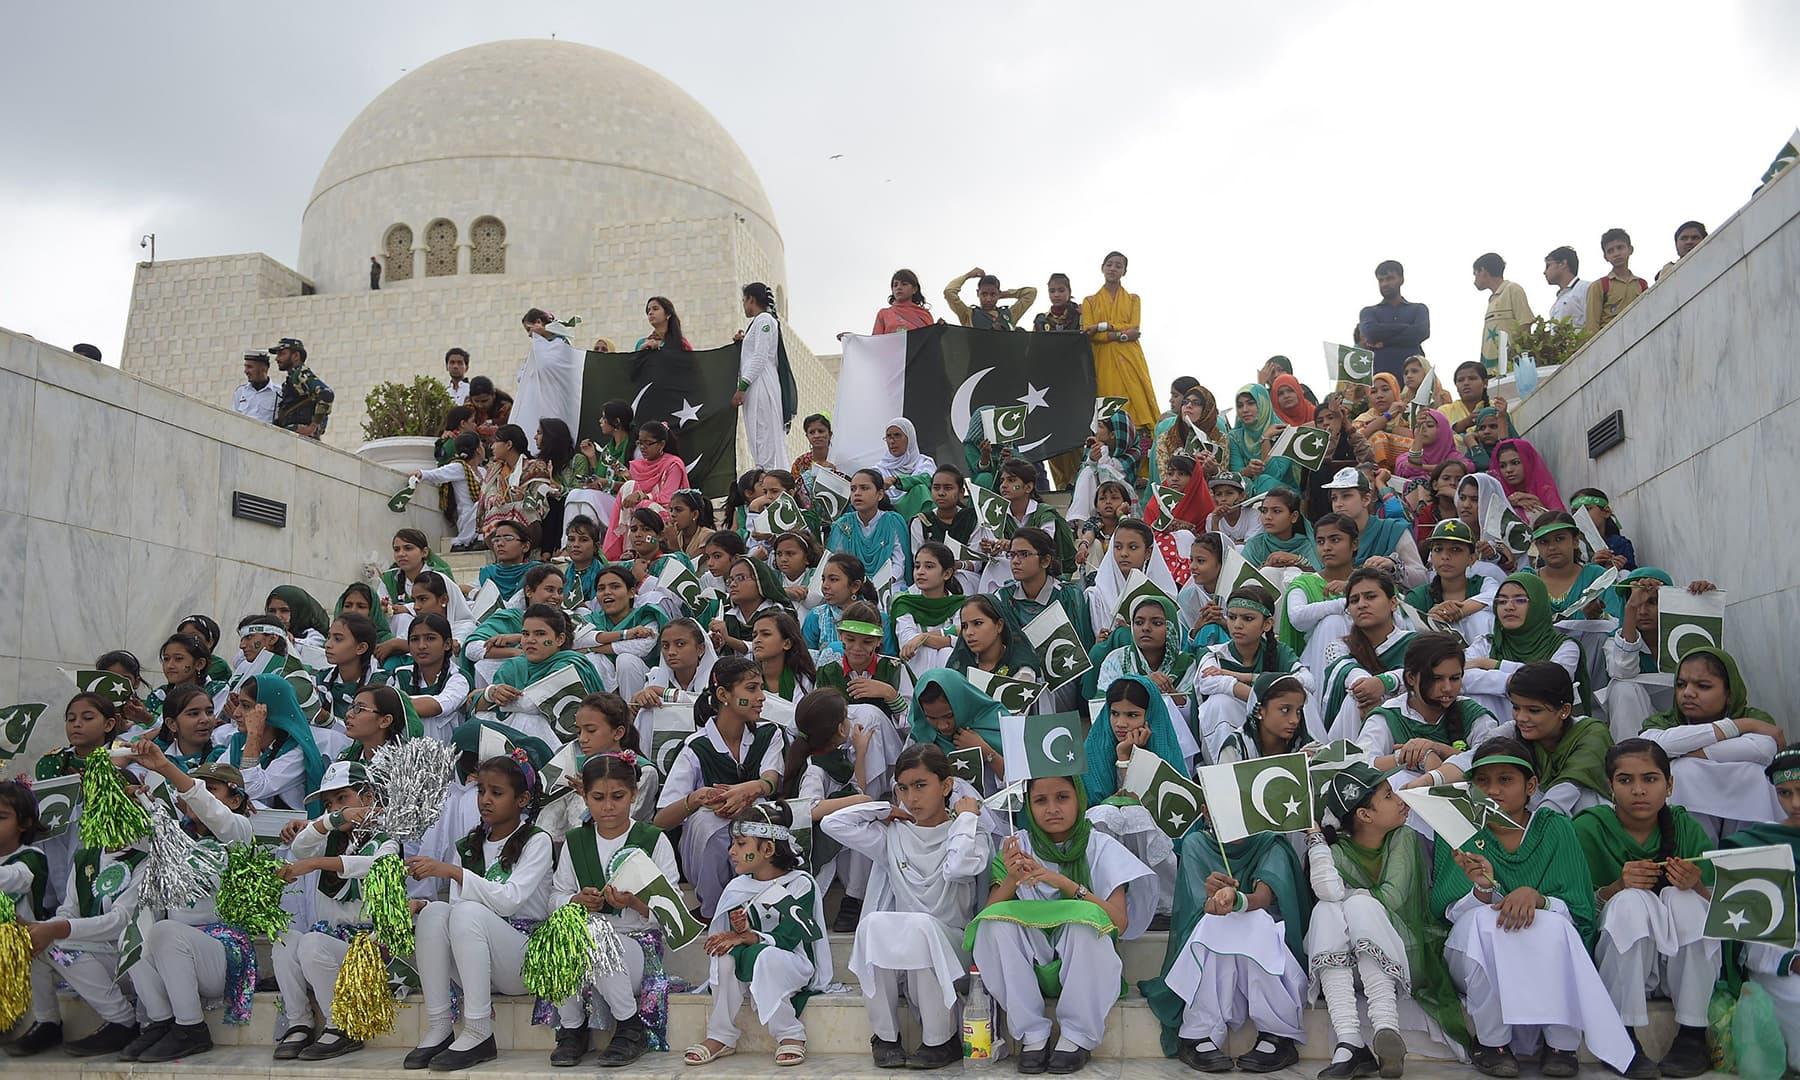 پاکستانی طالب علموں نے قائداعظم کے مزار پر منعقد یوم آزادی کی تقریب میں شرکت کی — فوٹو اے ایف پی